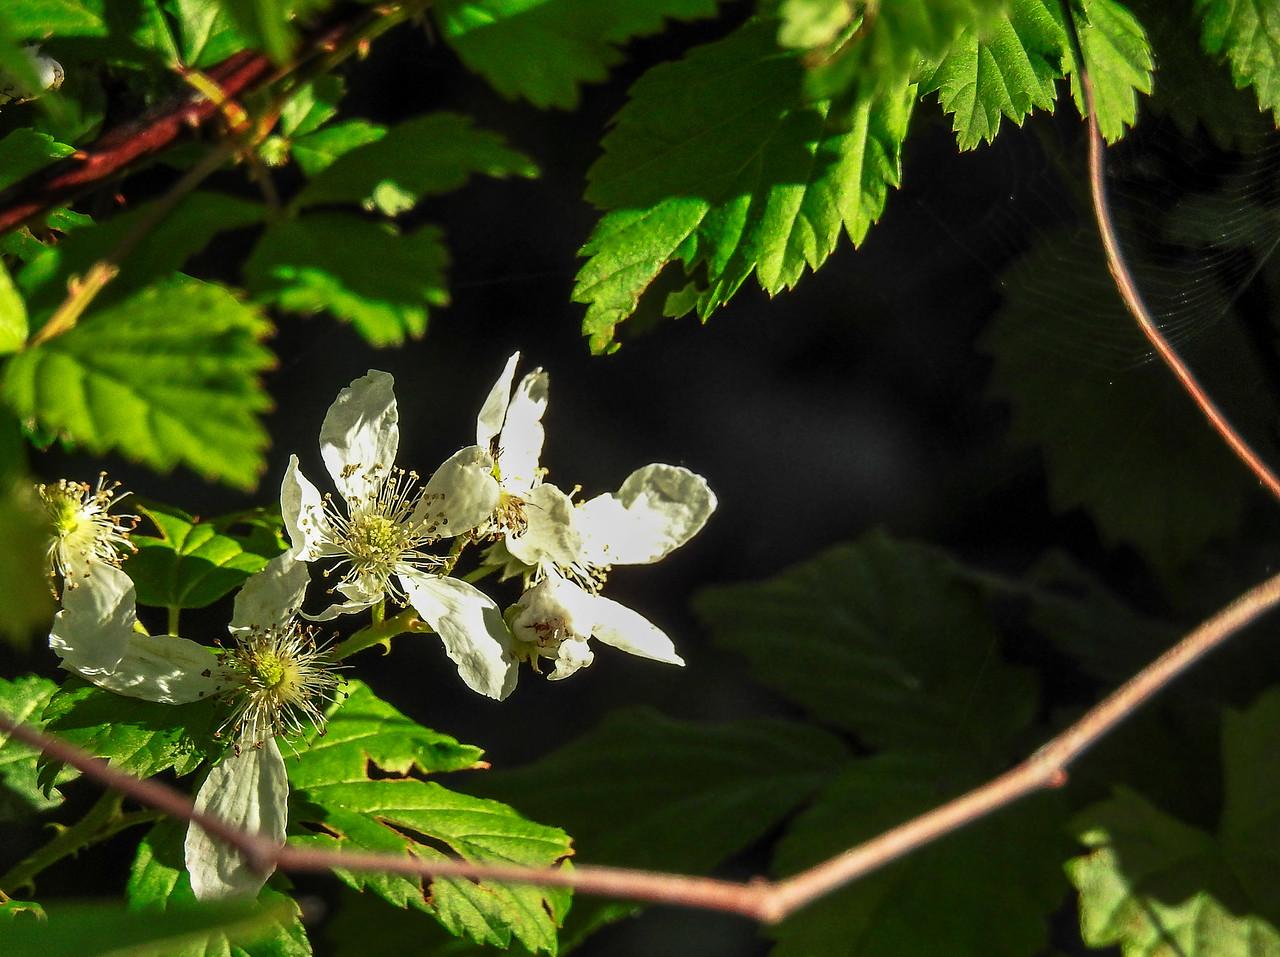 sand blackberry Rubus cuneifolius flowers 0150